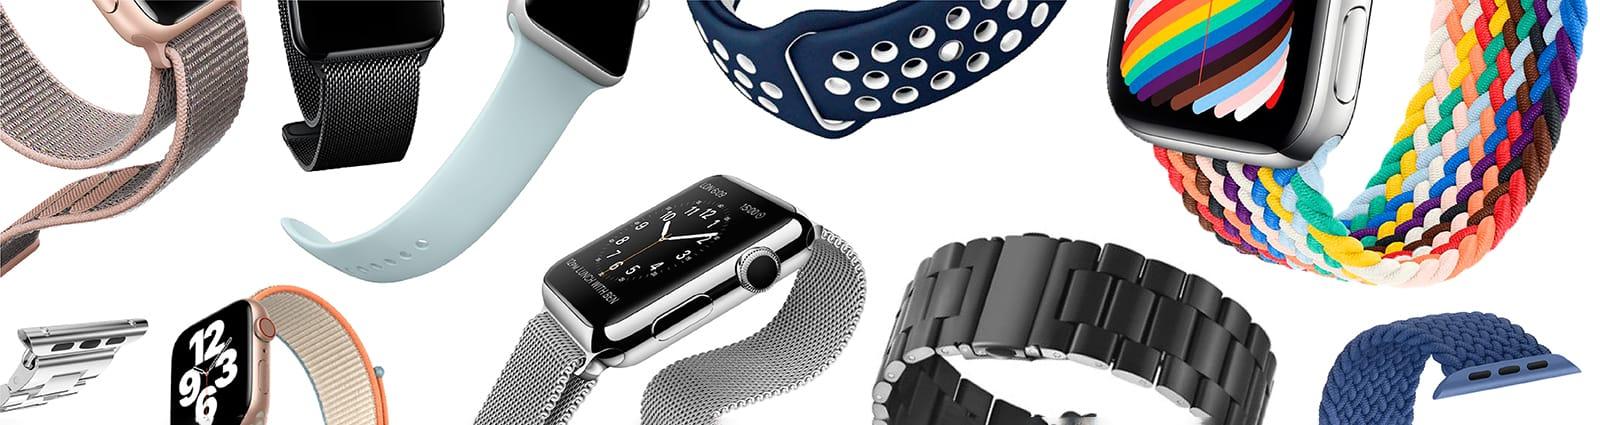 pulsos para apple watch